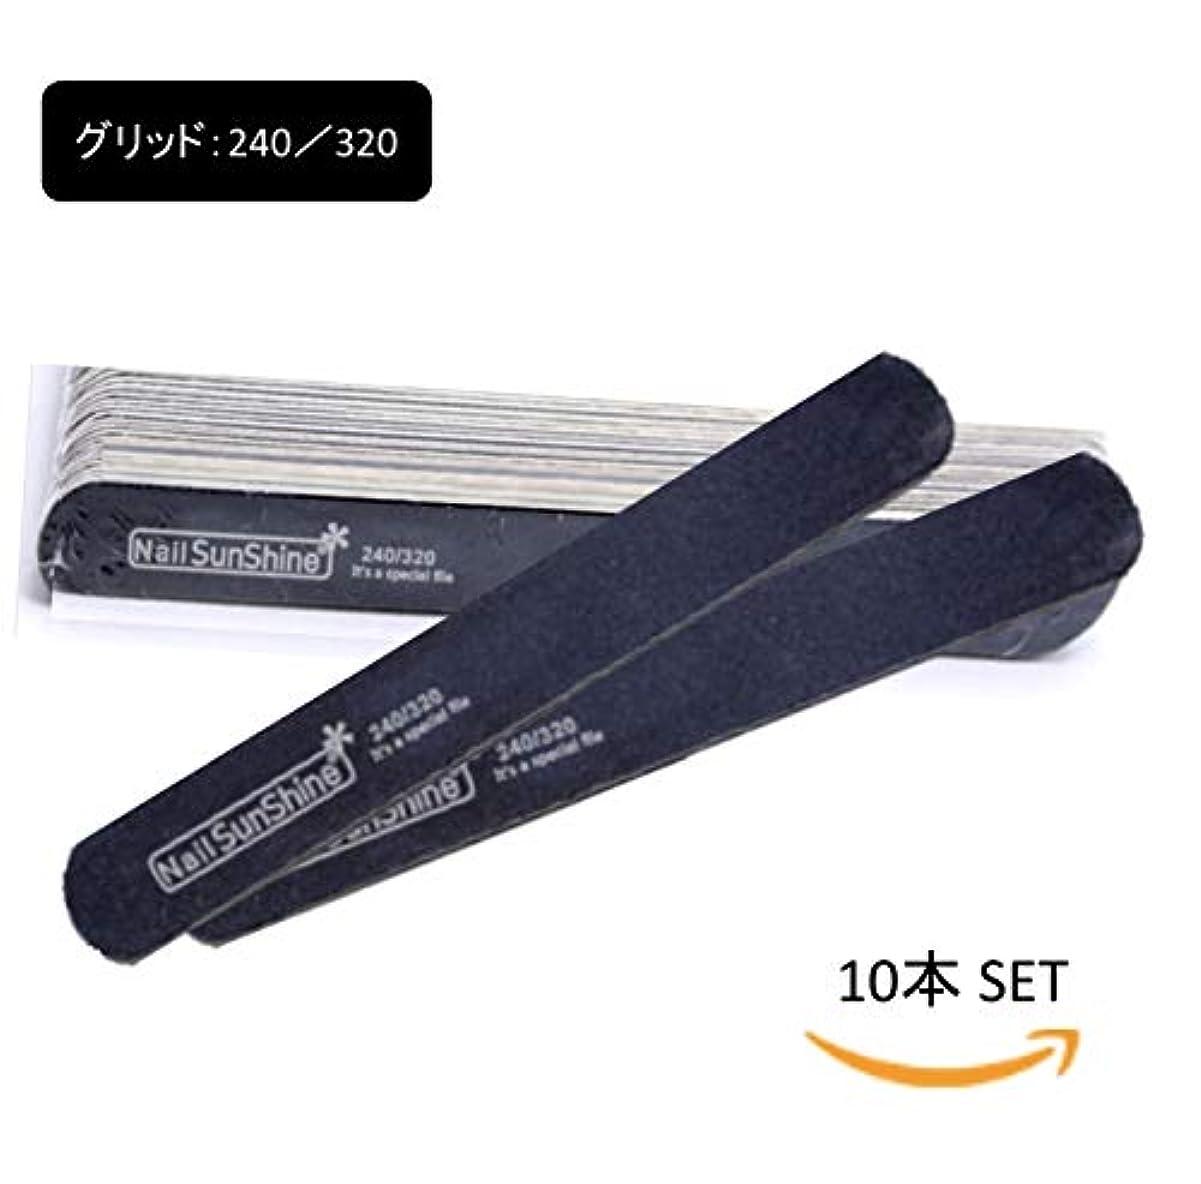 微視的スカウト気づくBEATON JAPAN 爪やすり ネイルファイル エメリーボード アクリルファイル 100/150 180/240 240/320 10本セット ジェルオフ (240/320)